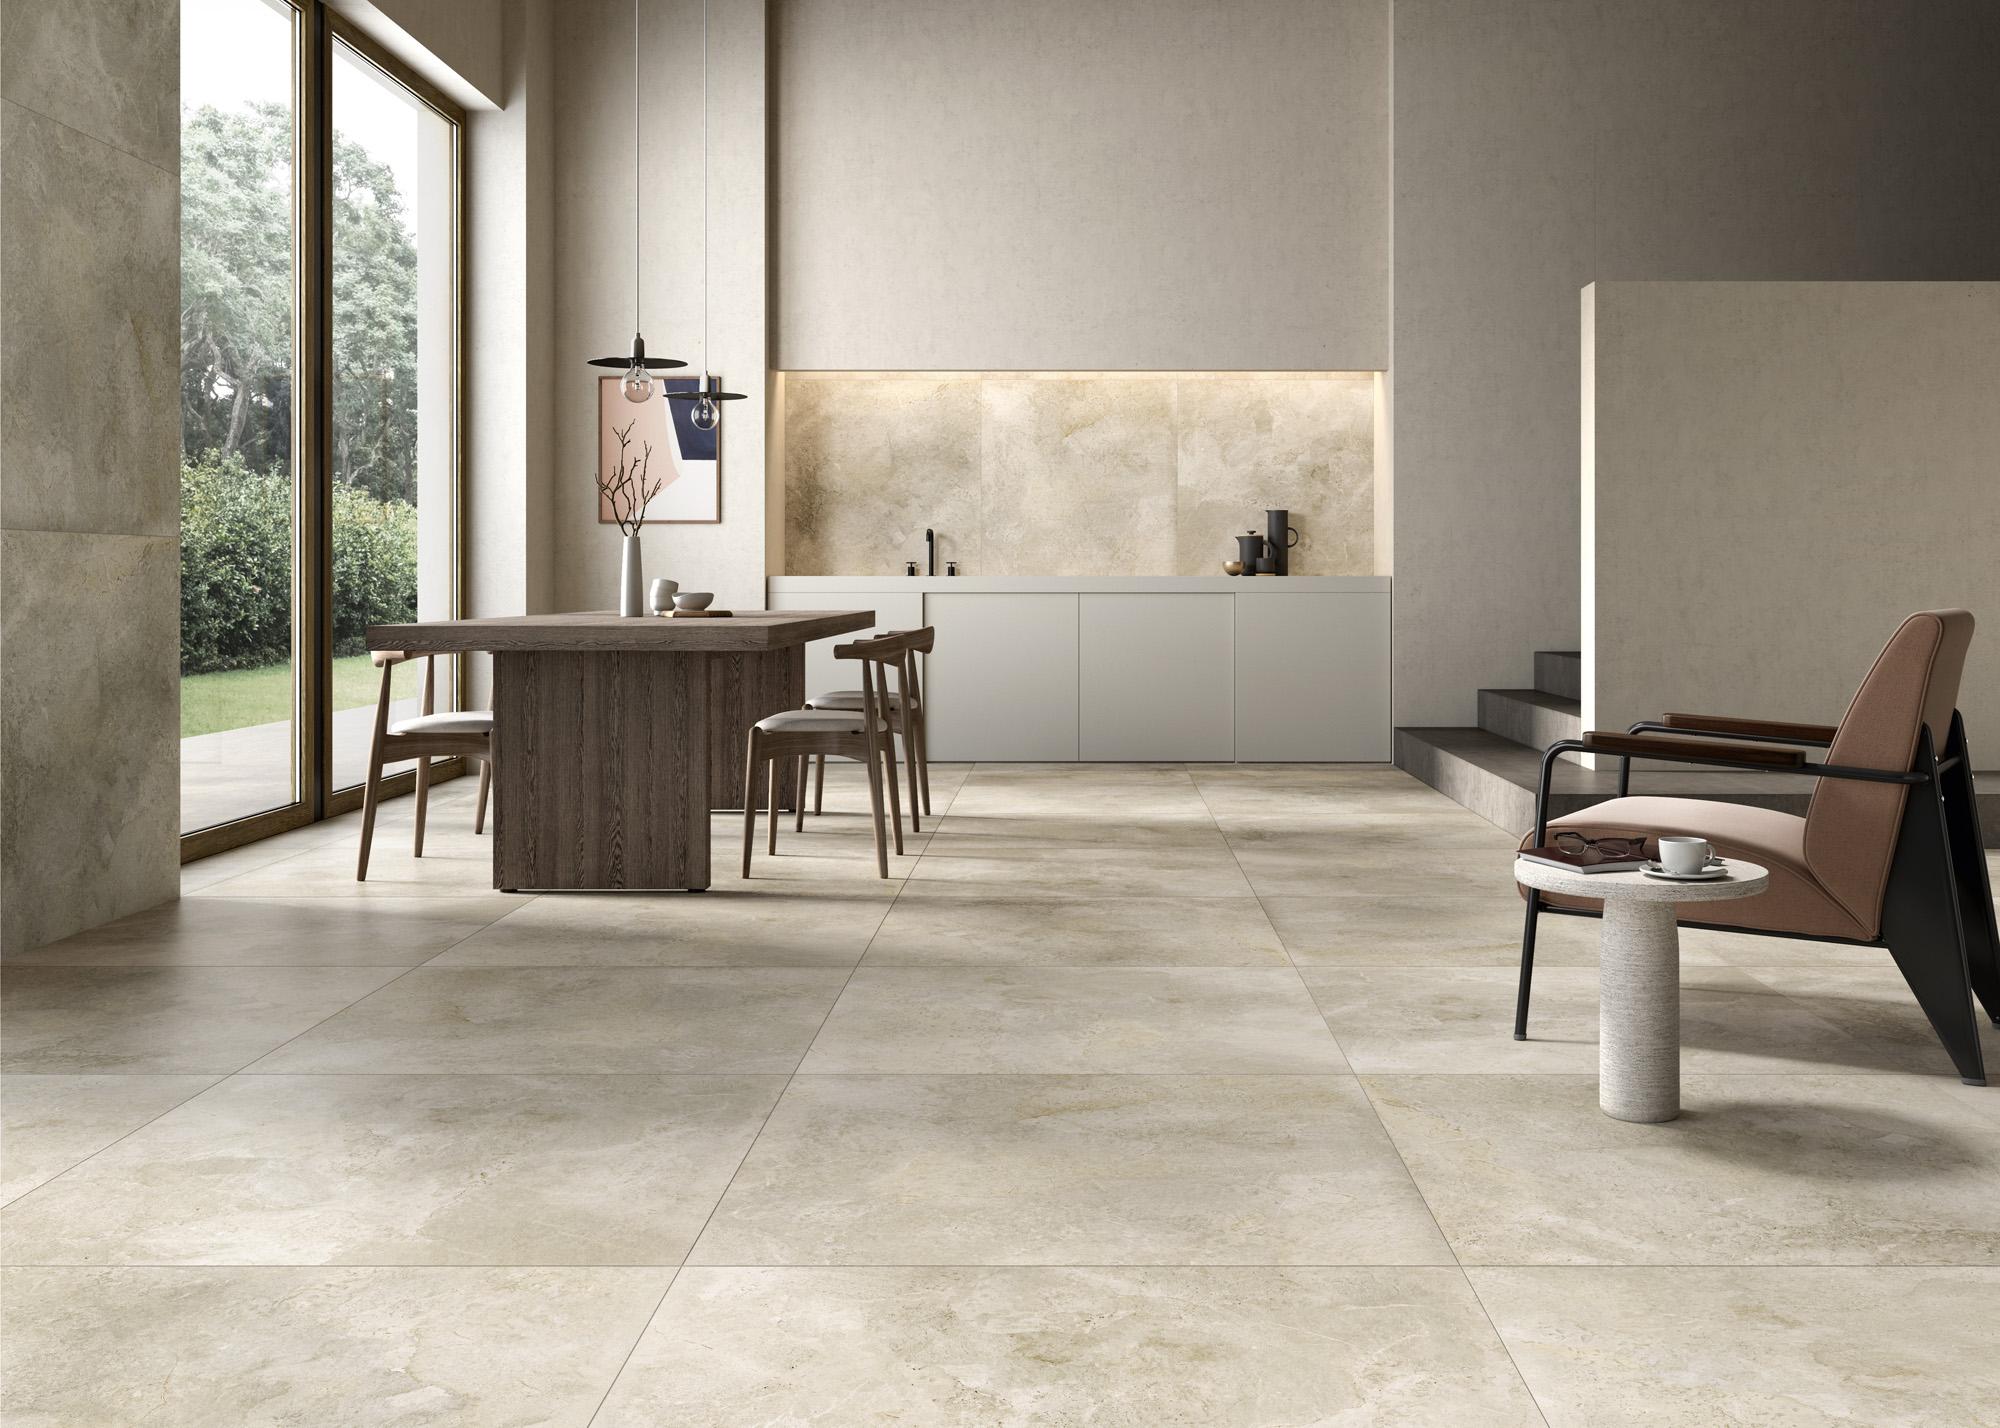 porcelain tile images: Anima range high quality photo